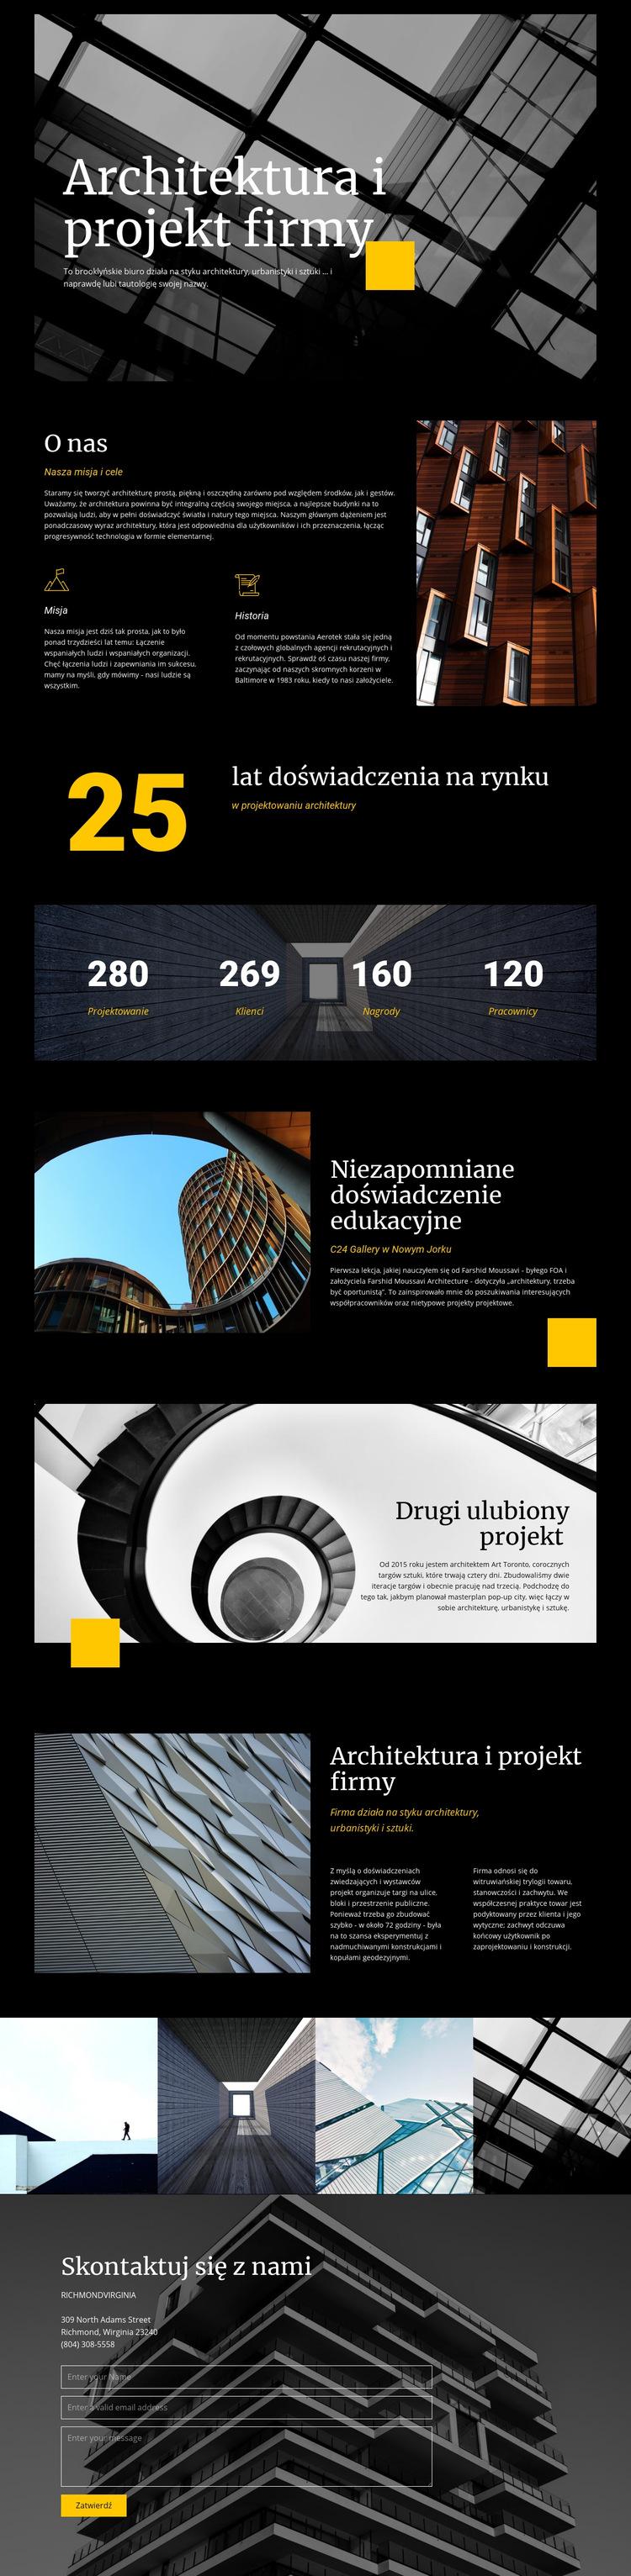 Firmowa architektura i projekt Szablon witryny sieci Web